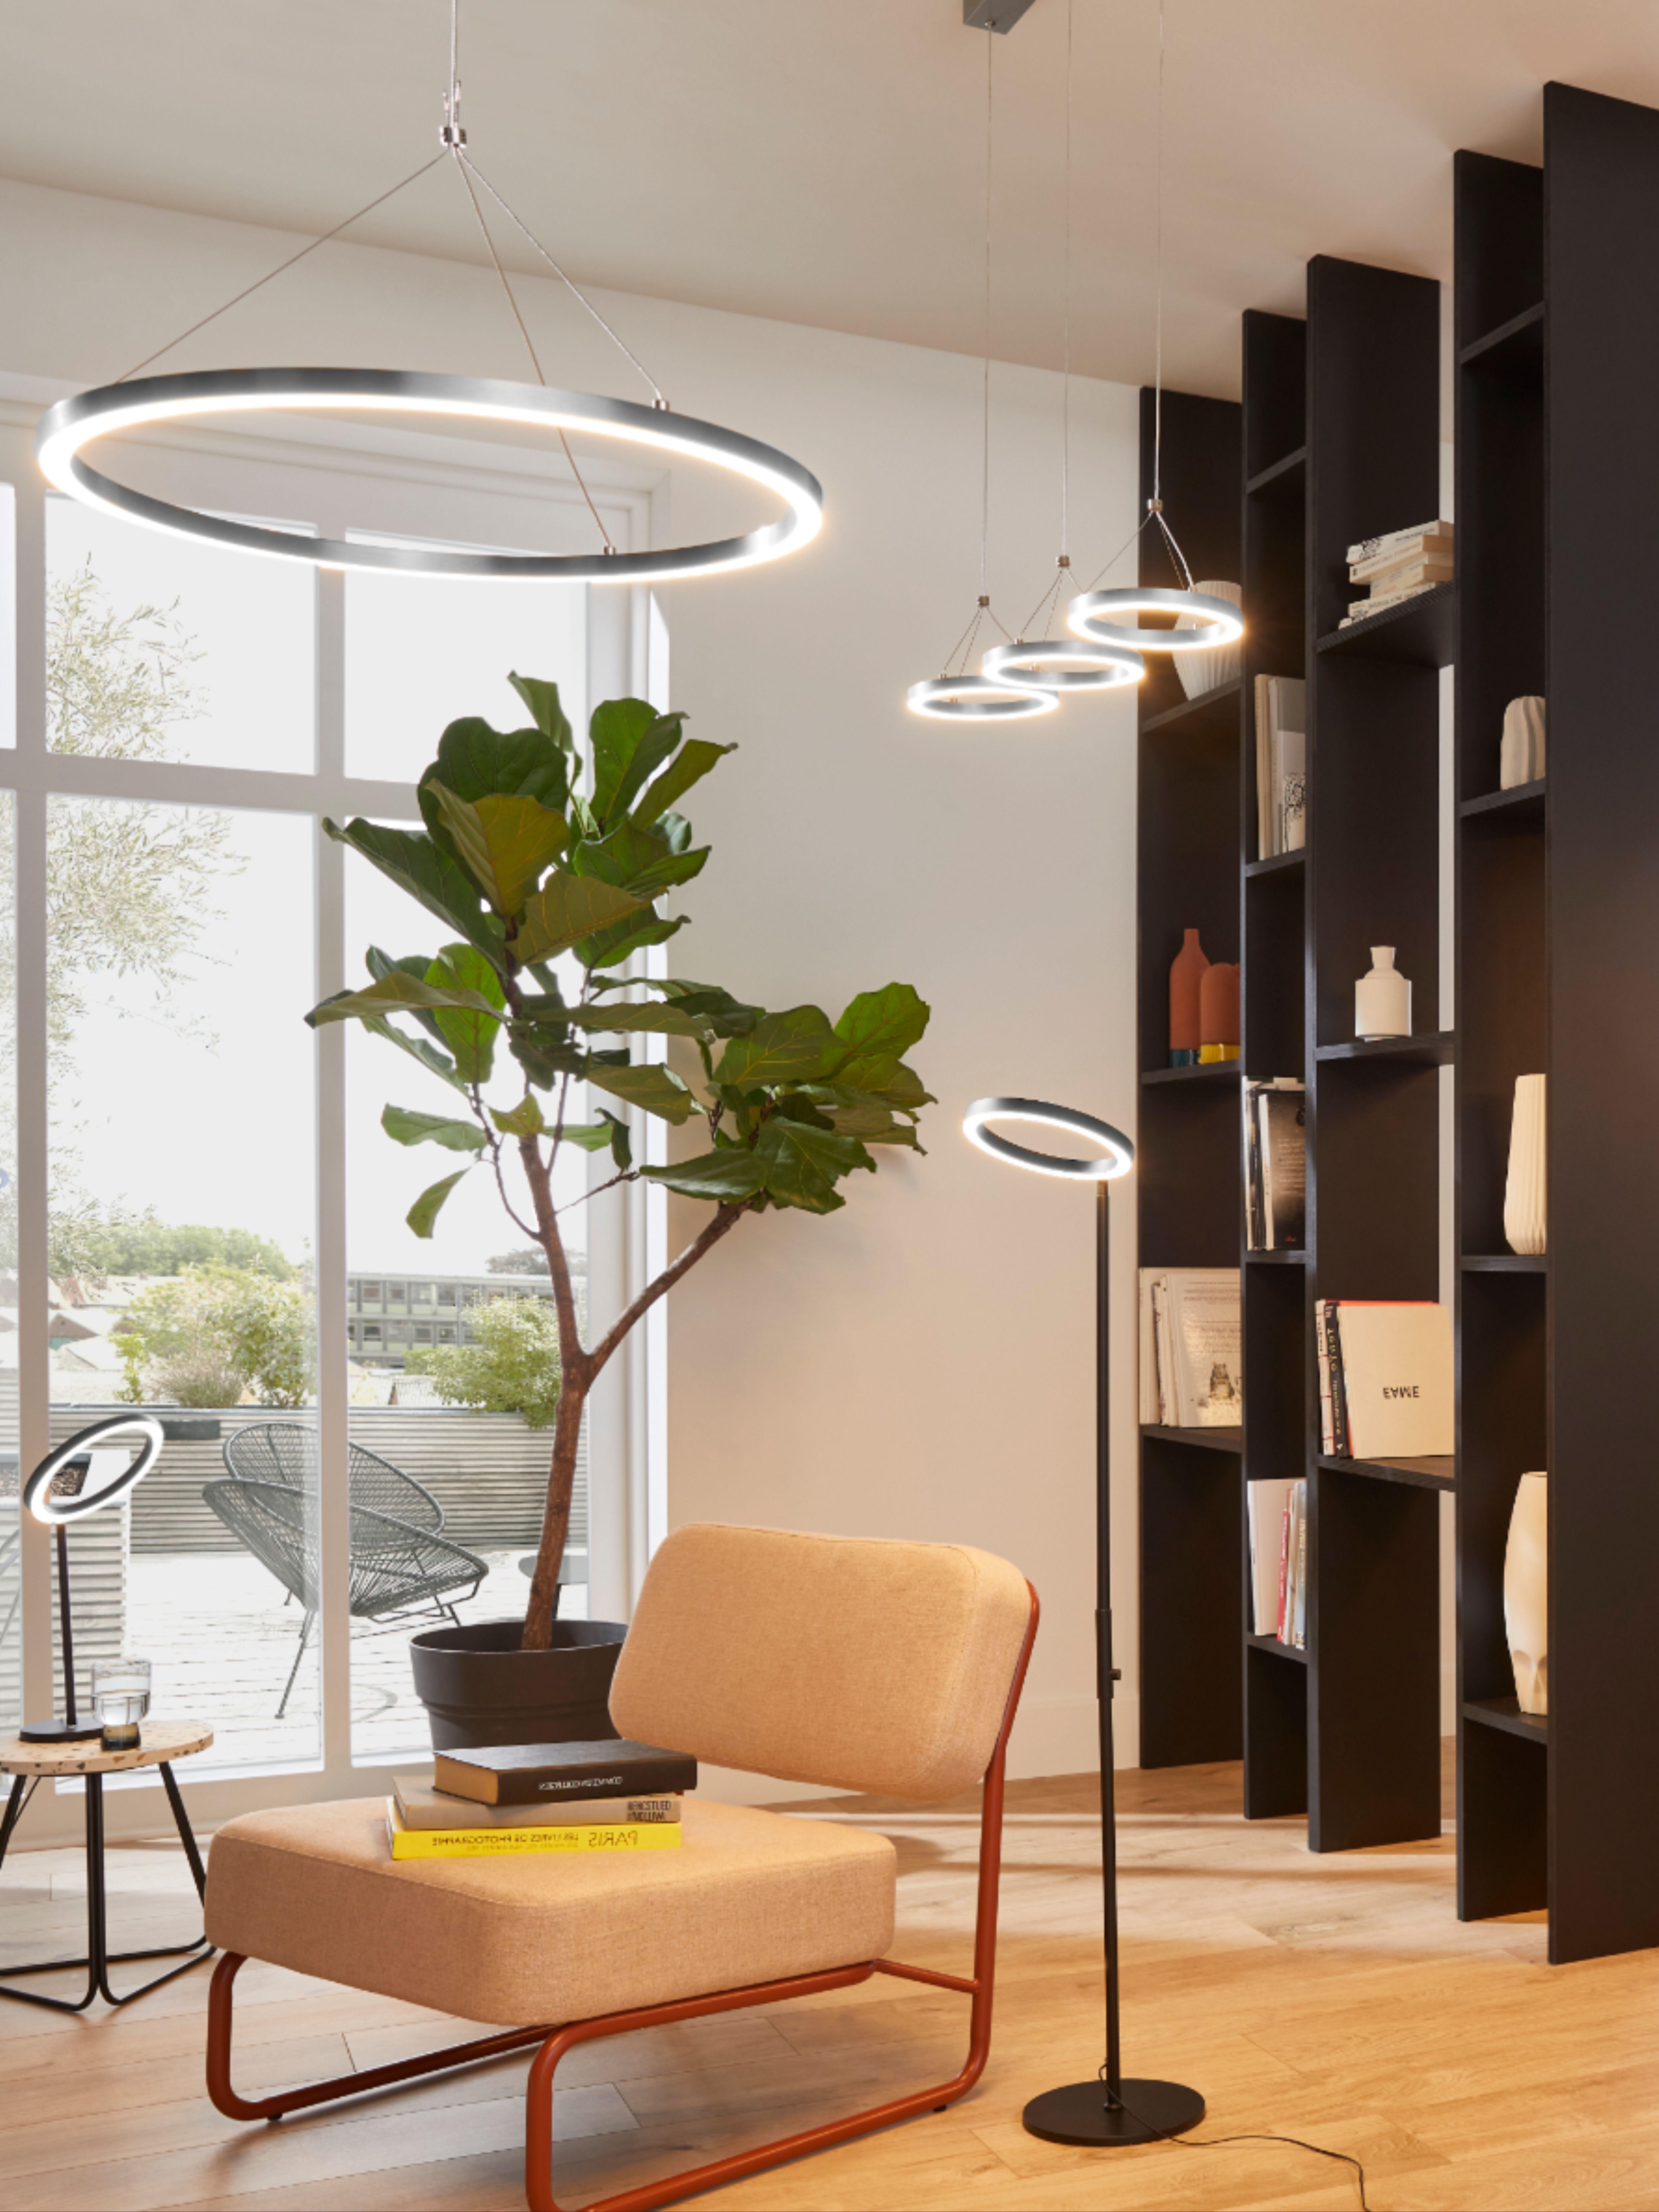 Accordez Vos Luminaires Avec La Suspension Et La Lampe A Poser Assorties Choisissez L Intensite De La Lumiere Selon Vos Besoi Idee Deco Luminaire Tendance Deco